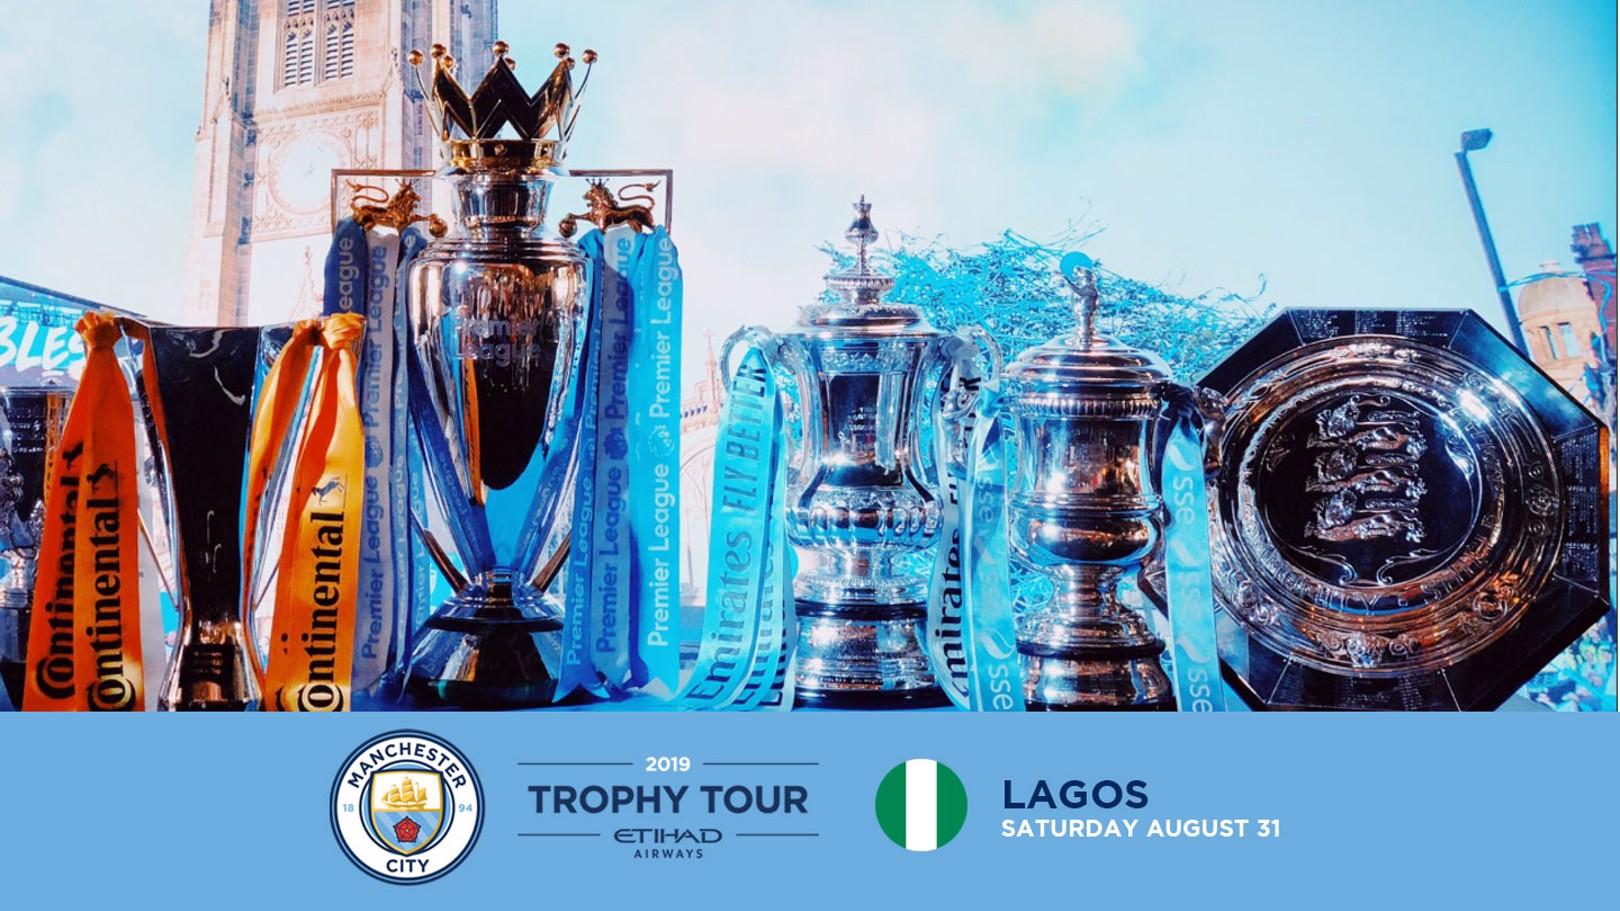 City trophy tour heading to Lagos.